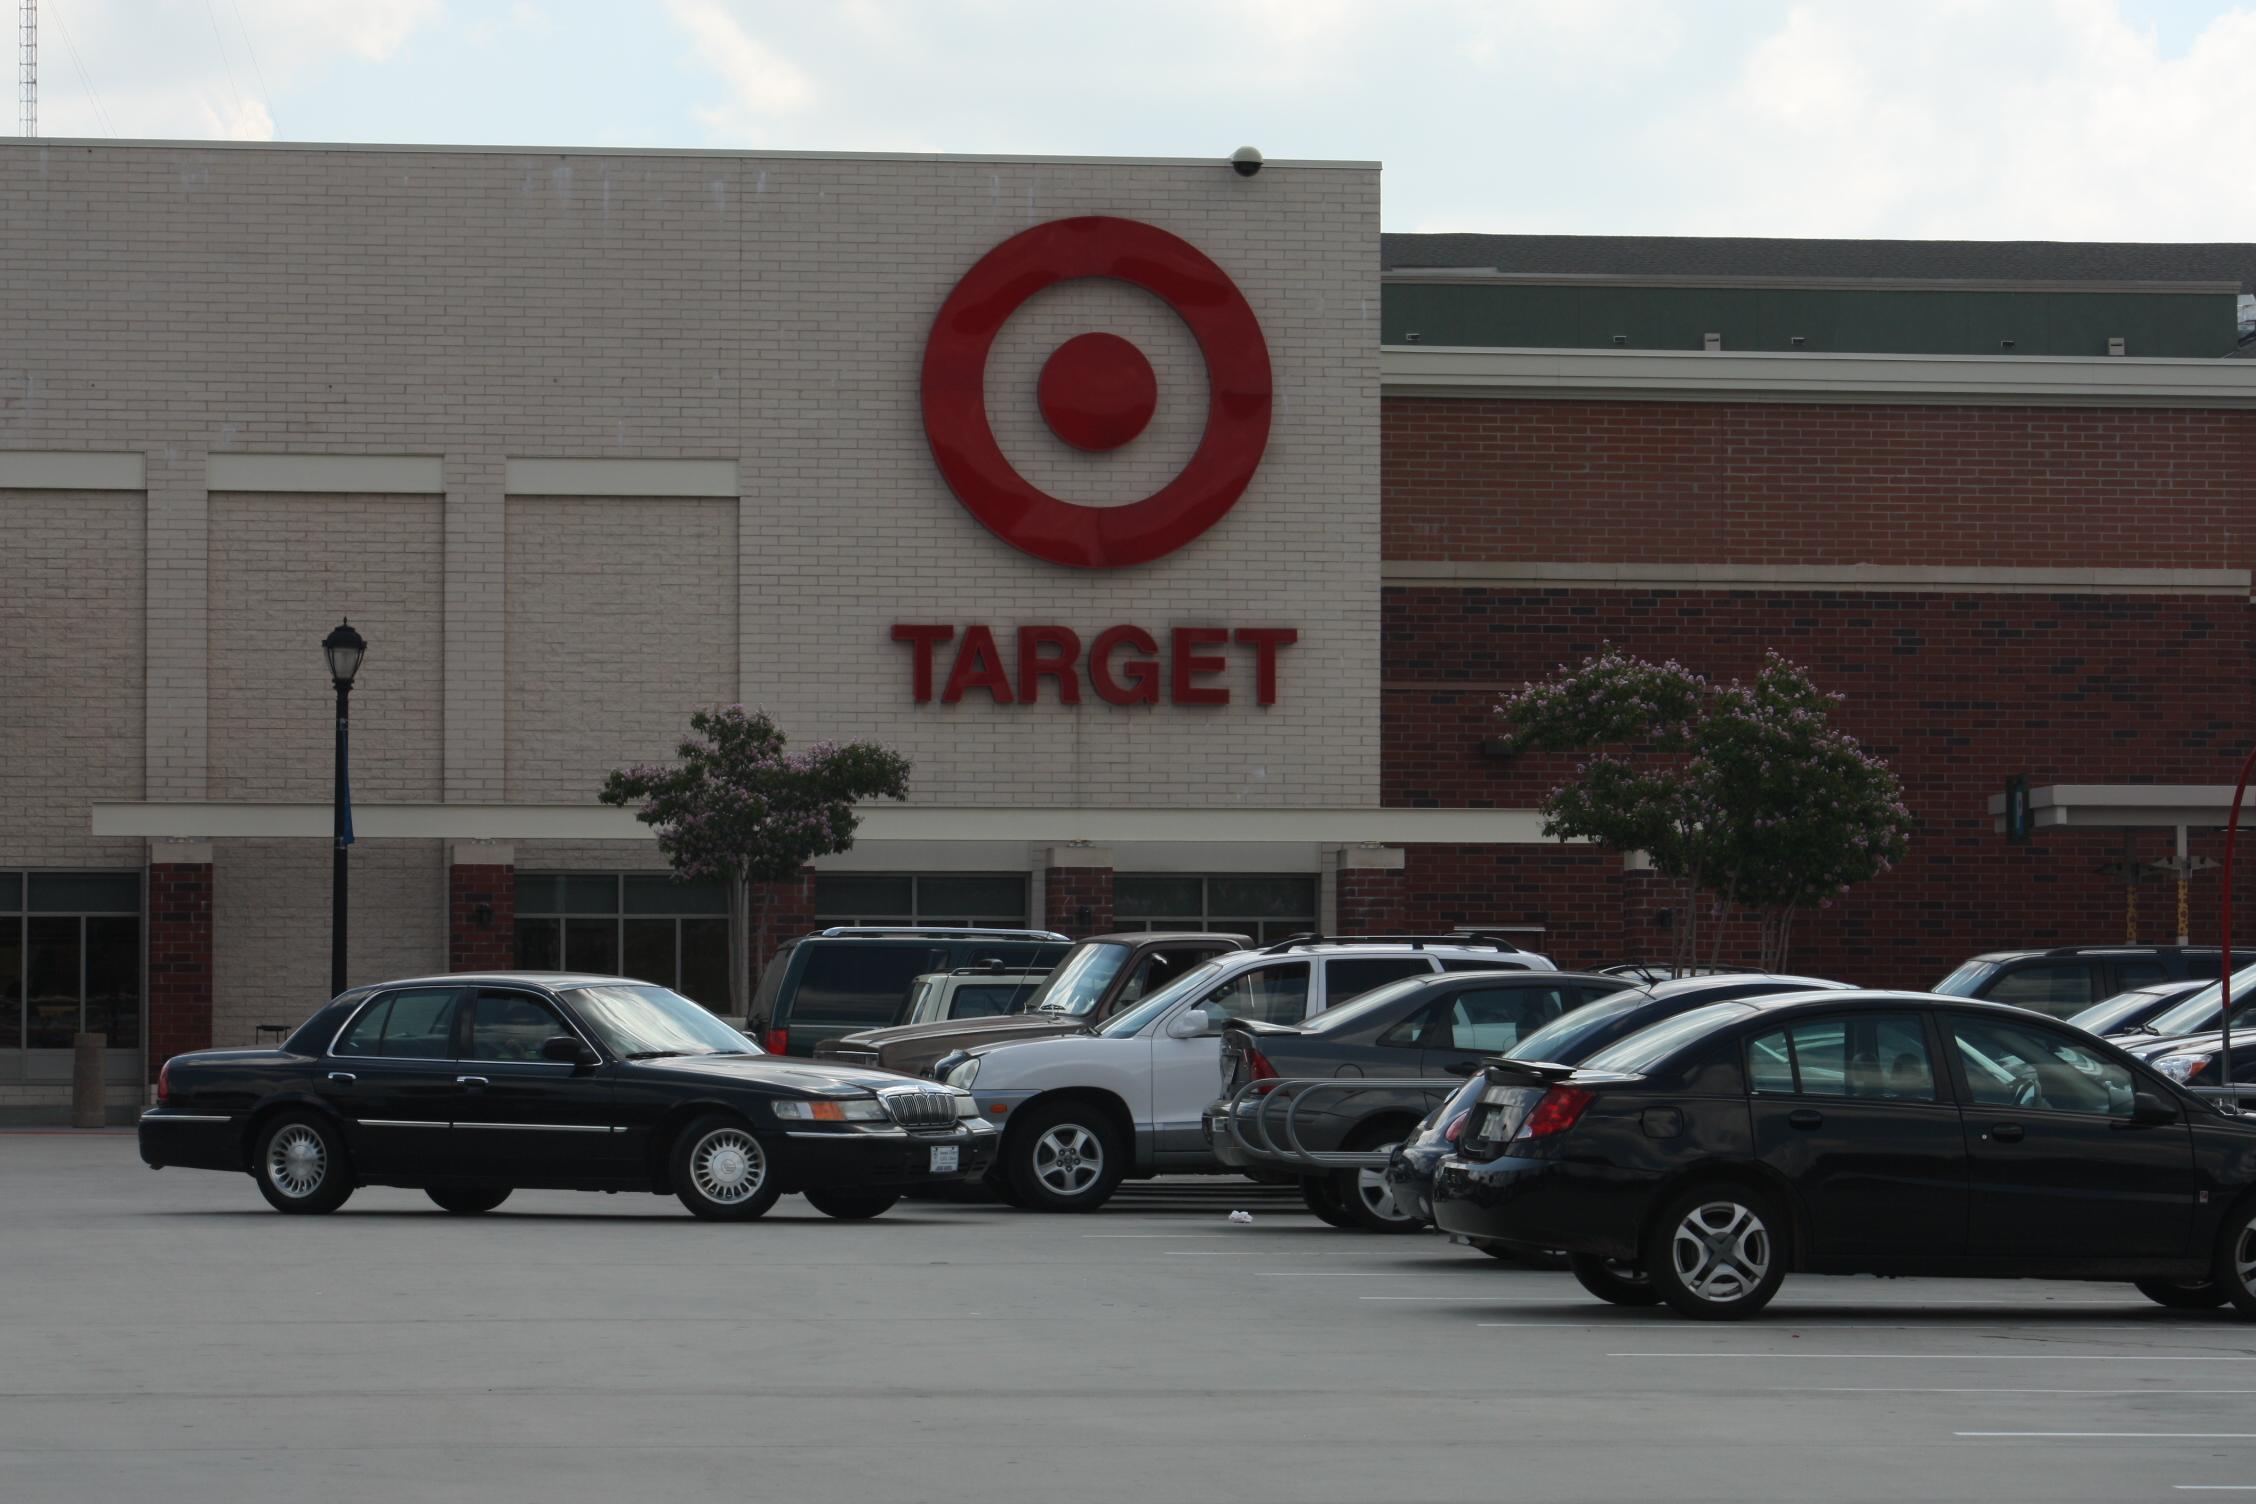 Target / Retail